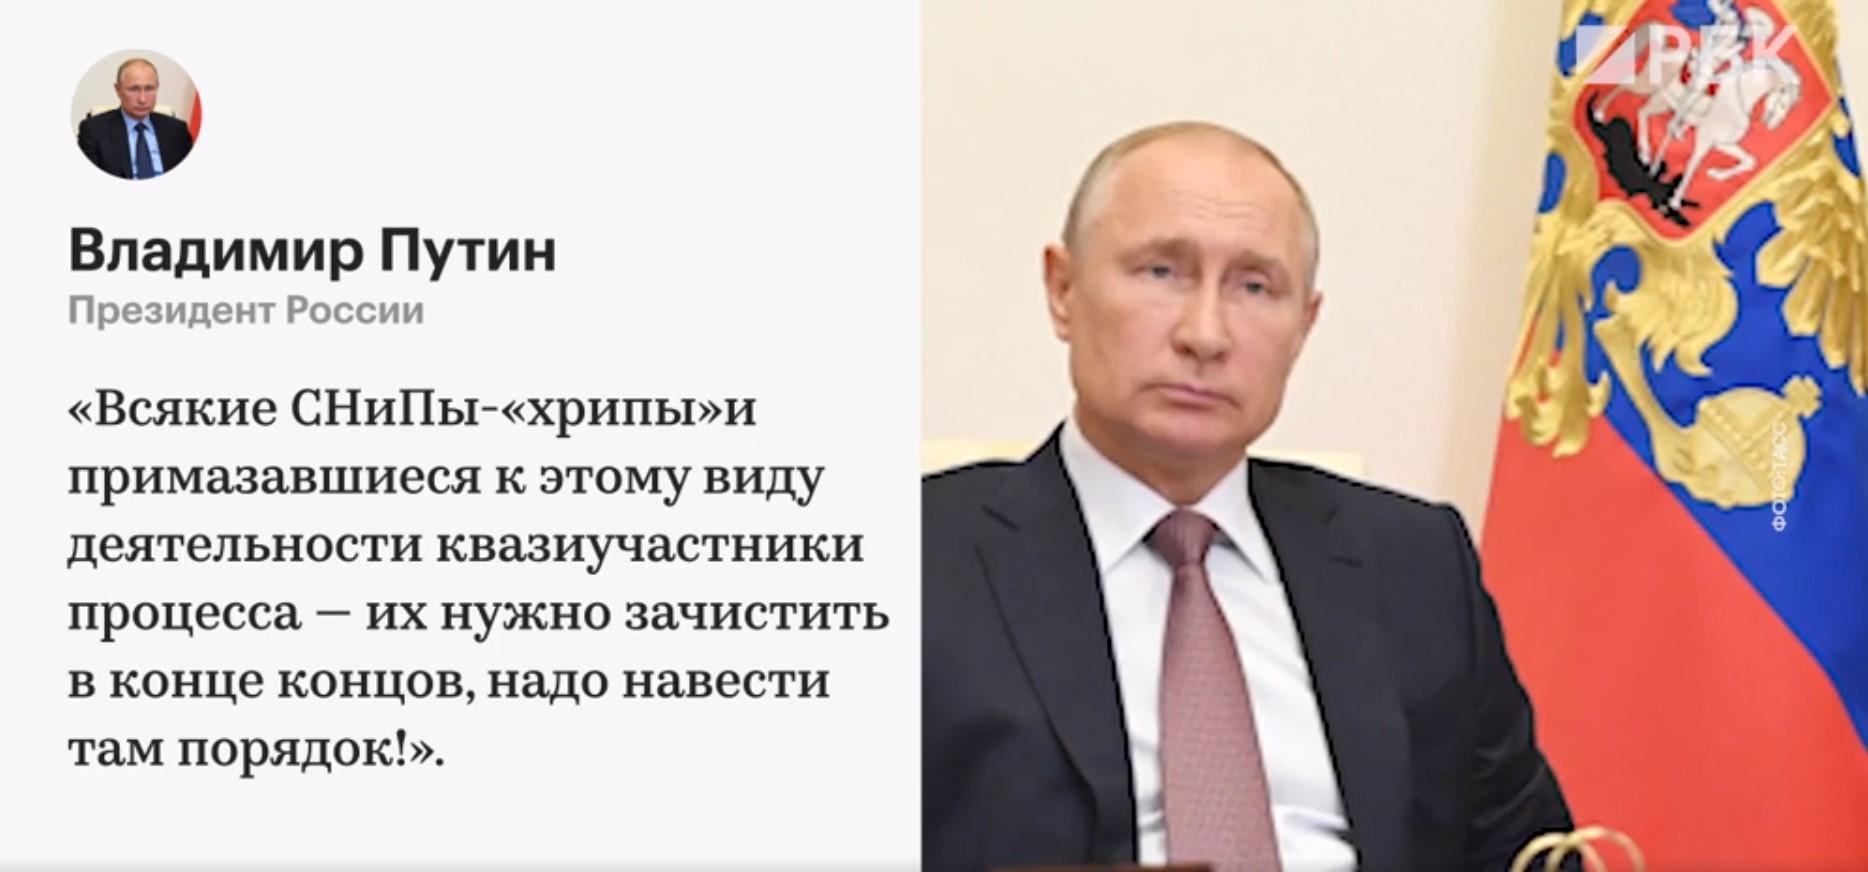 Путин потребовал зачистить «СНиПы-хрипы» для строительства медцентров